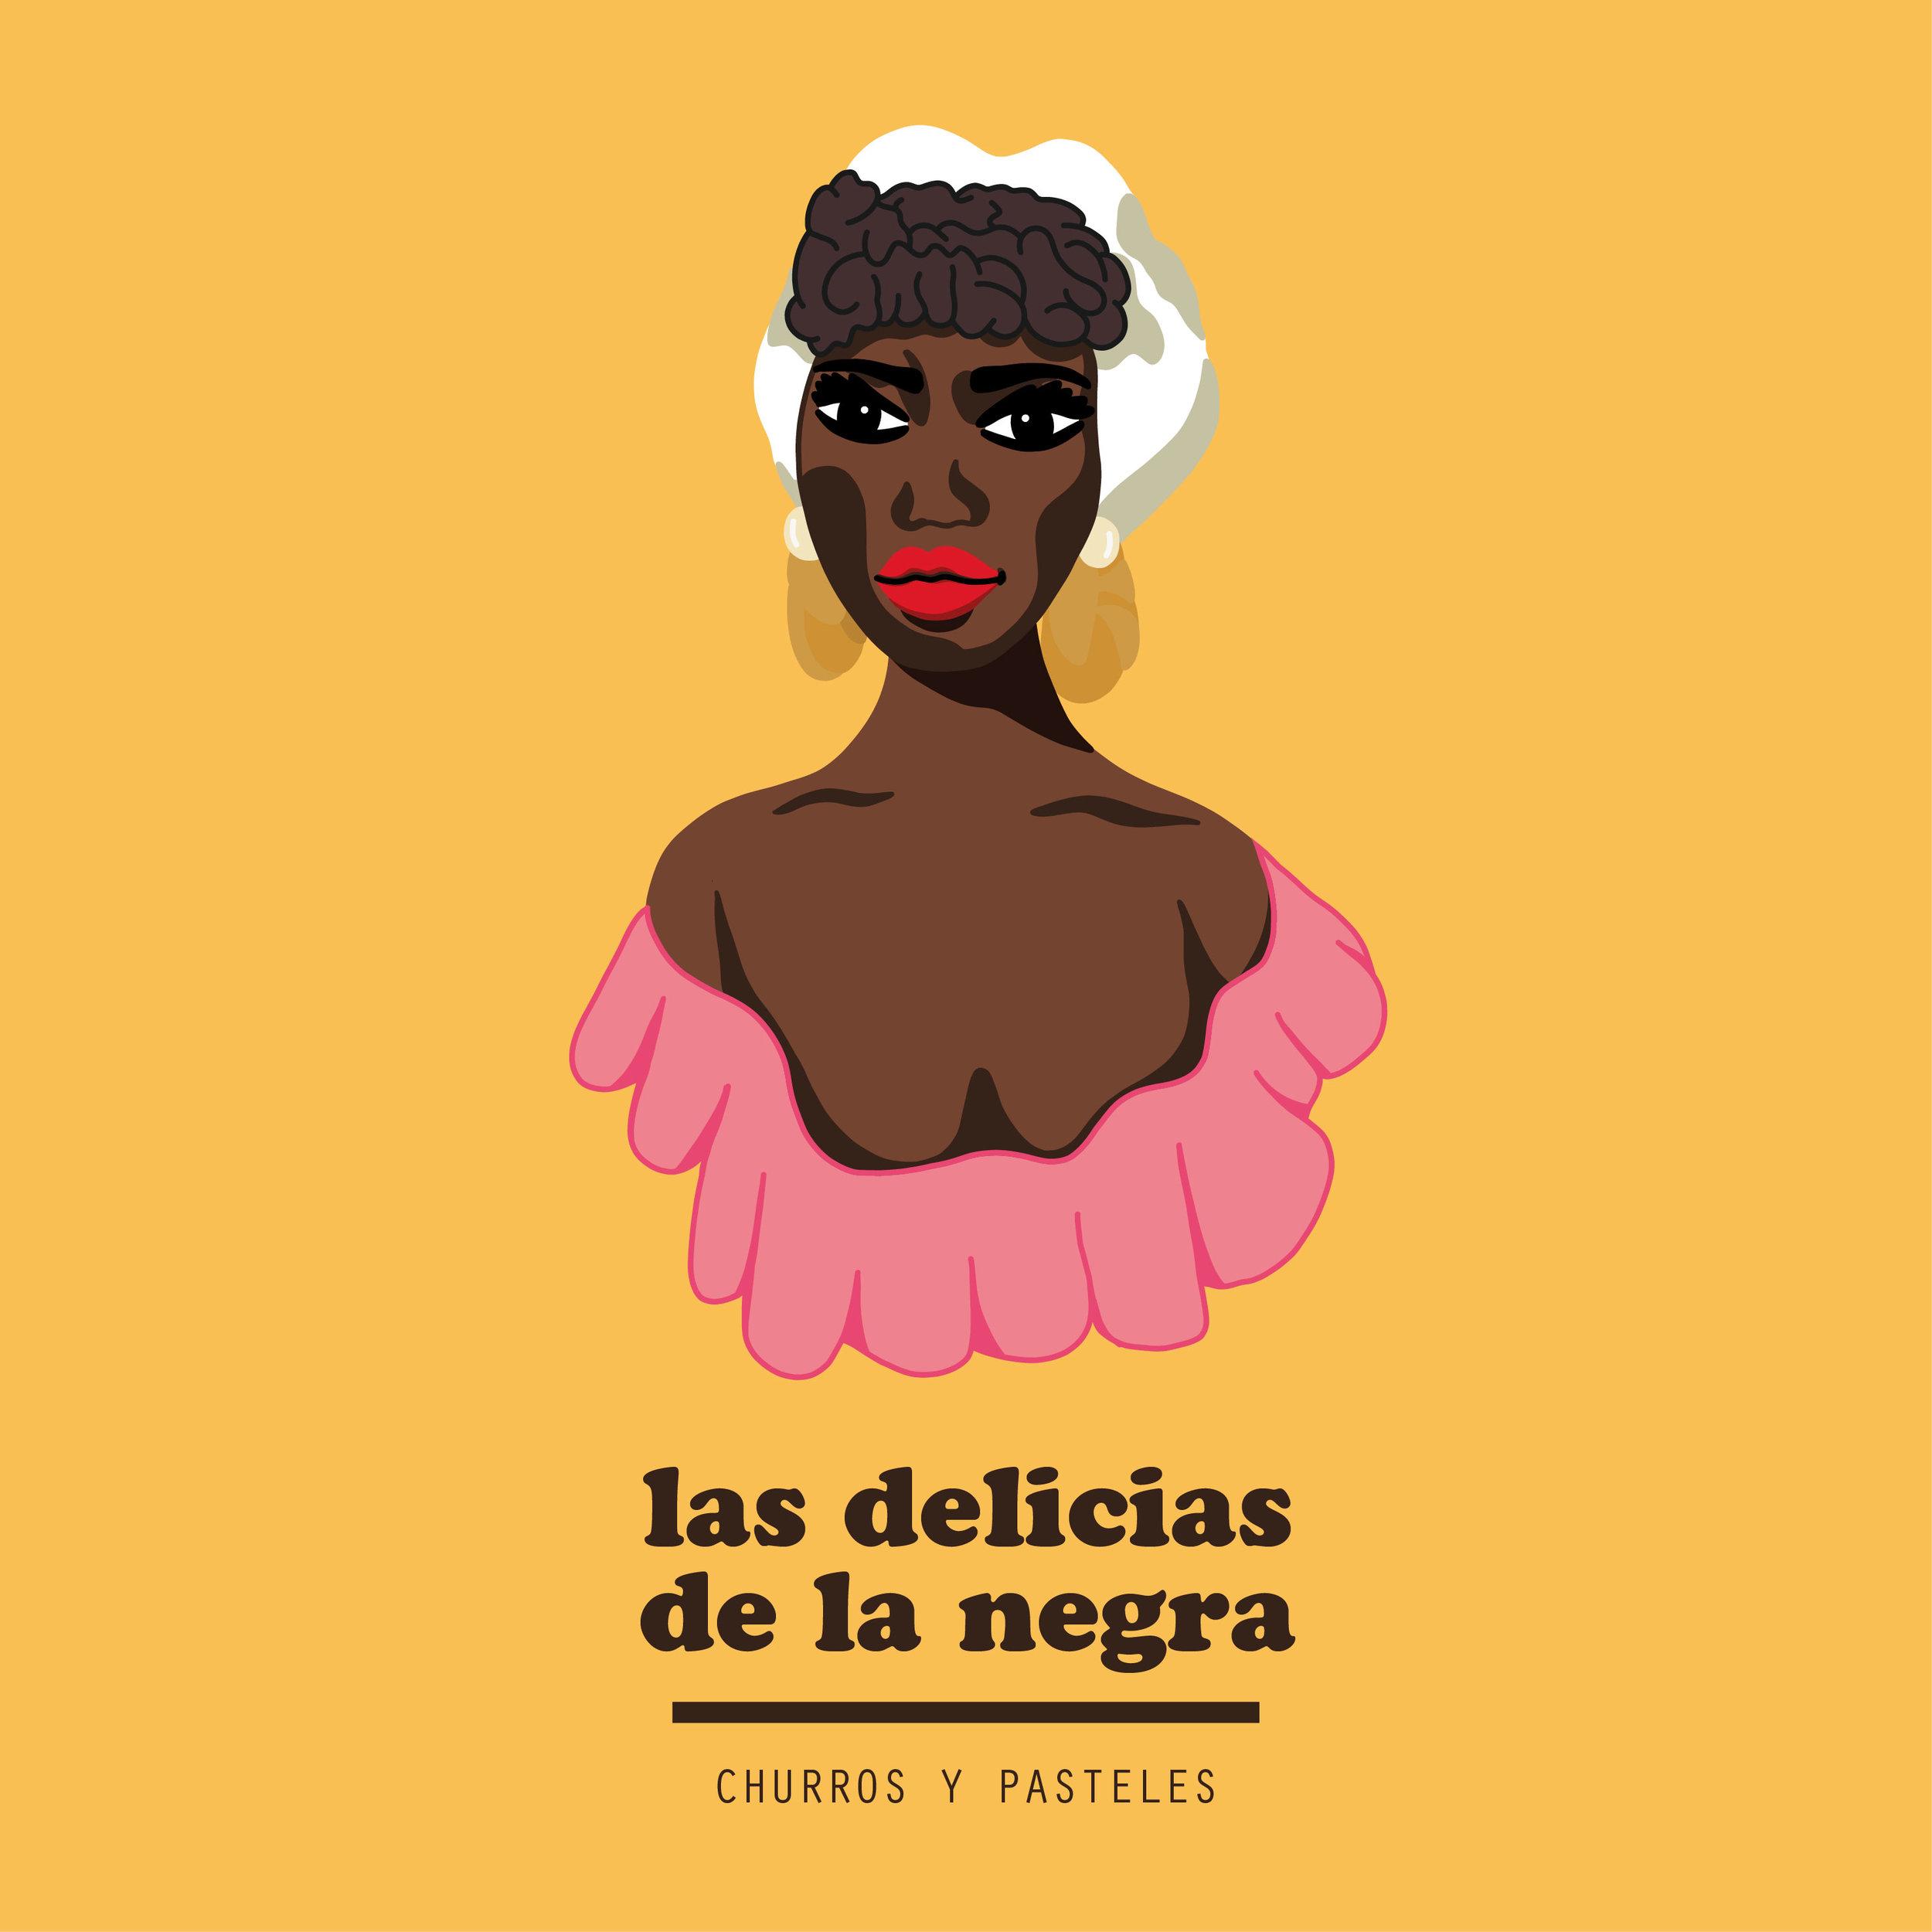 Las delicias de la negra_logo.jpg